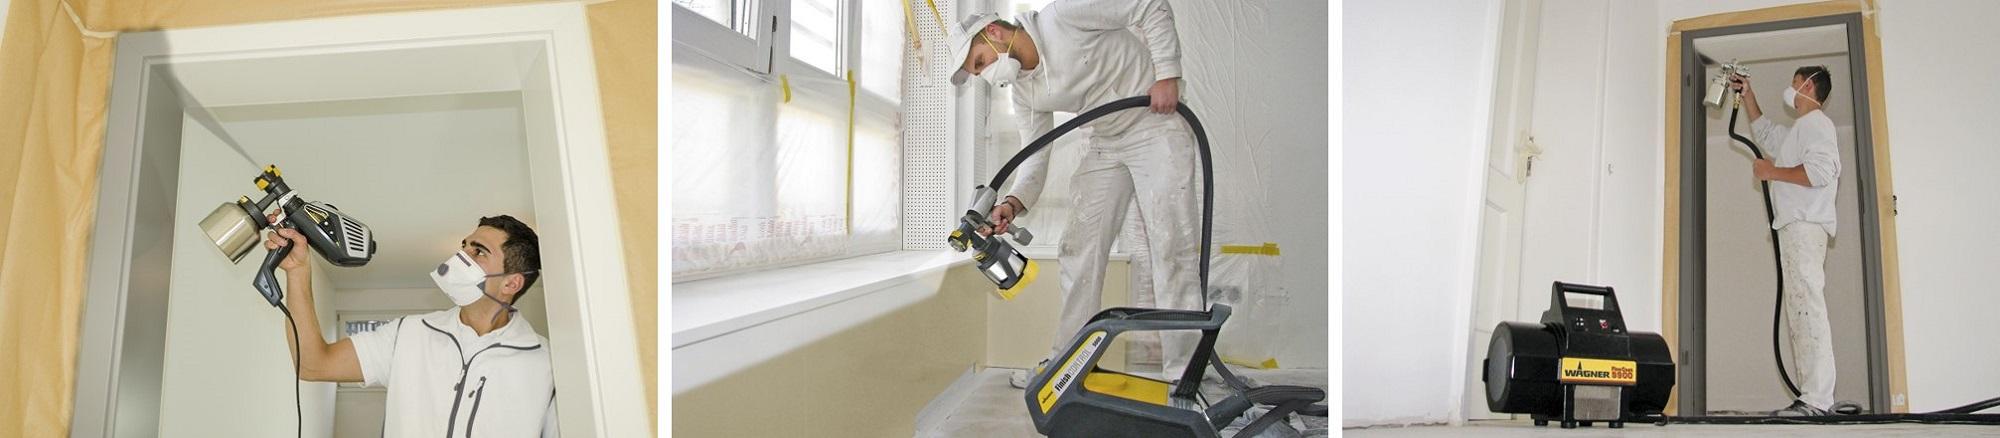 Yorkshire Spray Services Ltd - HVLP & XVLP Header